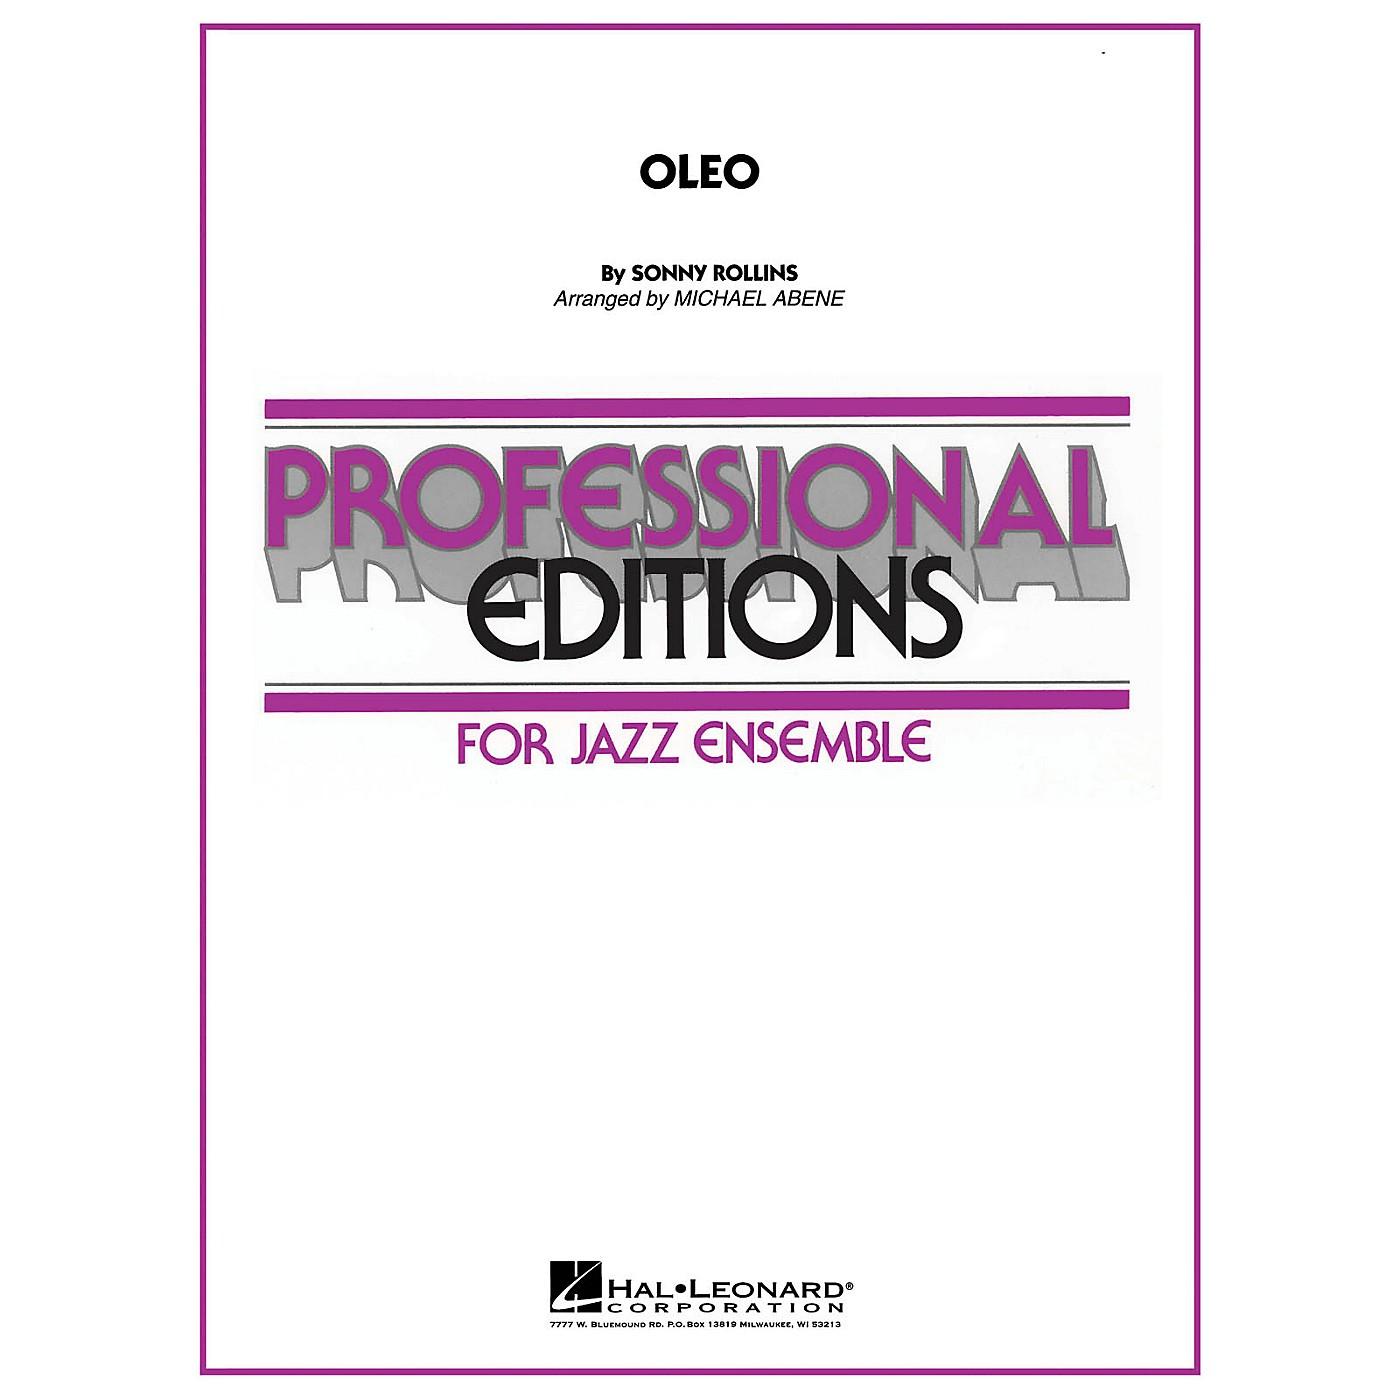 Hal Leonard Oleo Jazz Band Level 5-6 Arranged by Michael Abene thumbnail